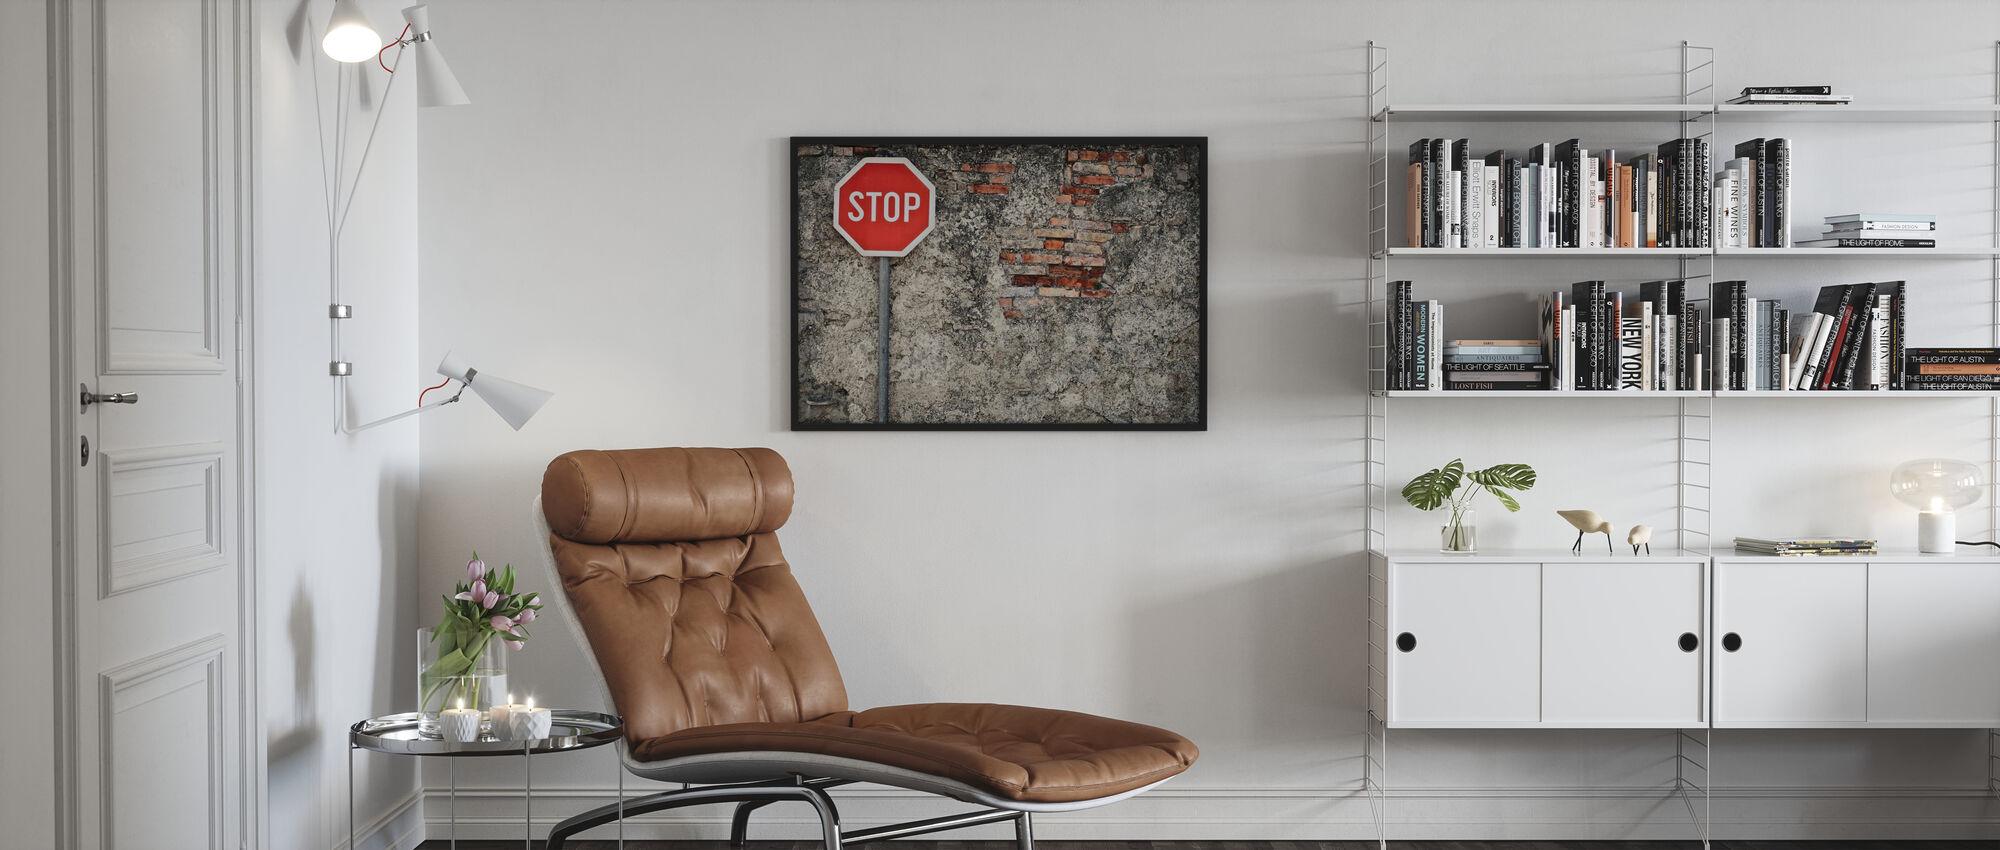 Pysäytä merkki vastaan Grungy Wall - Kehystetty kuva - Olohuone